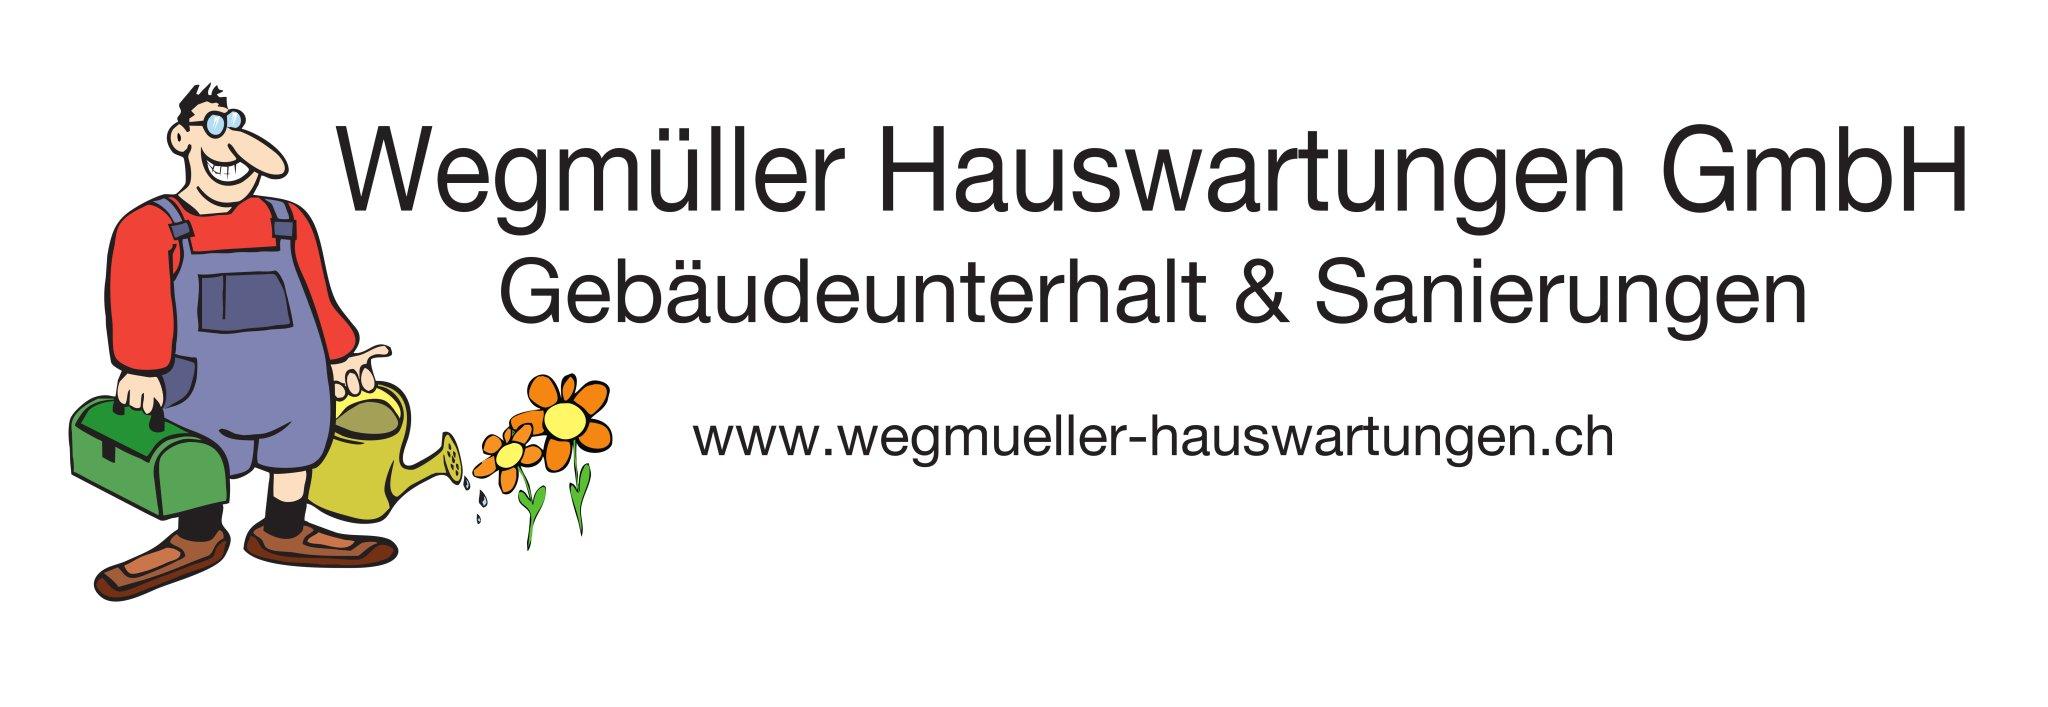 Wegmüller Hauswartung Logo